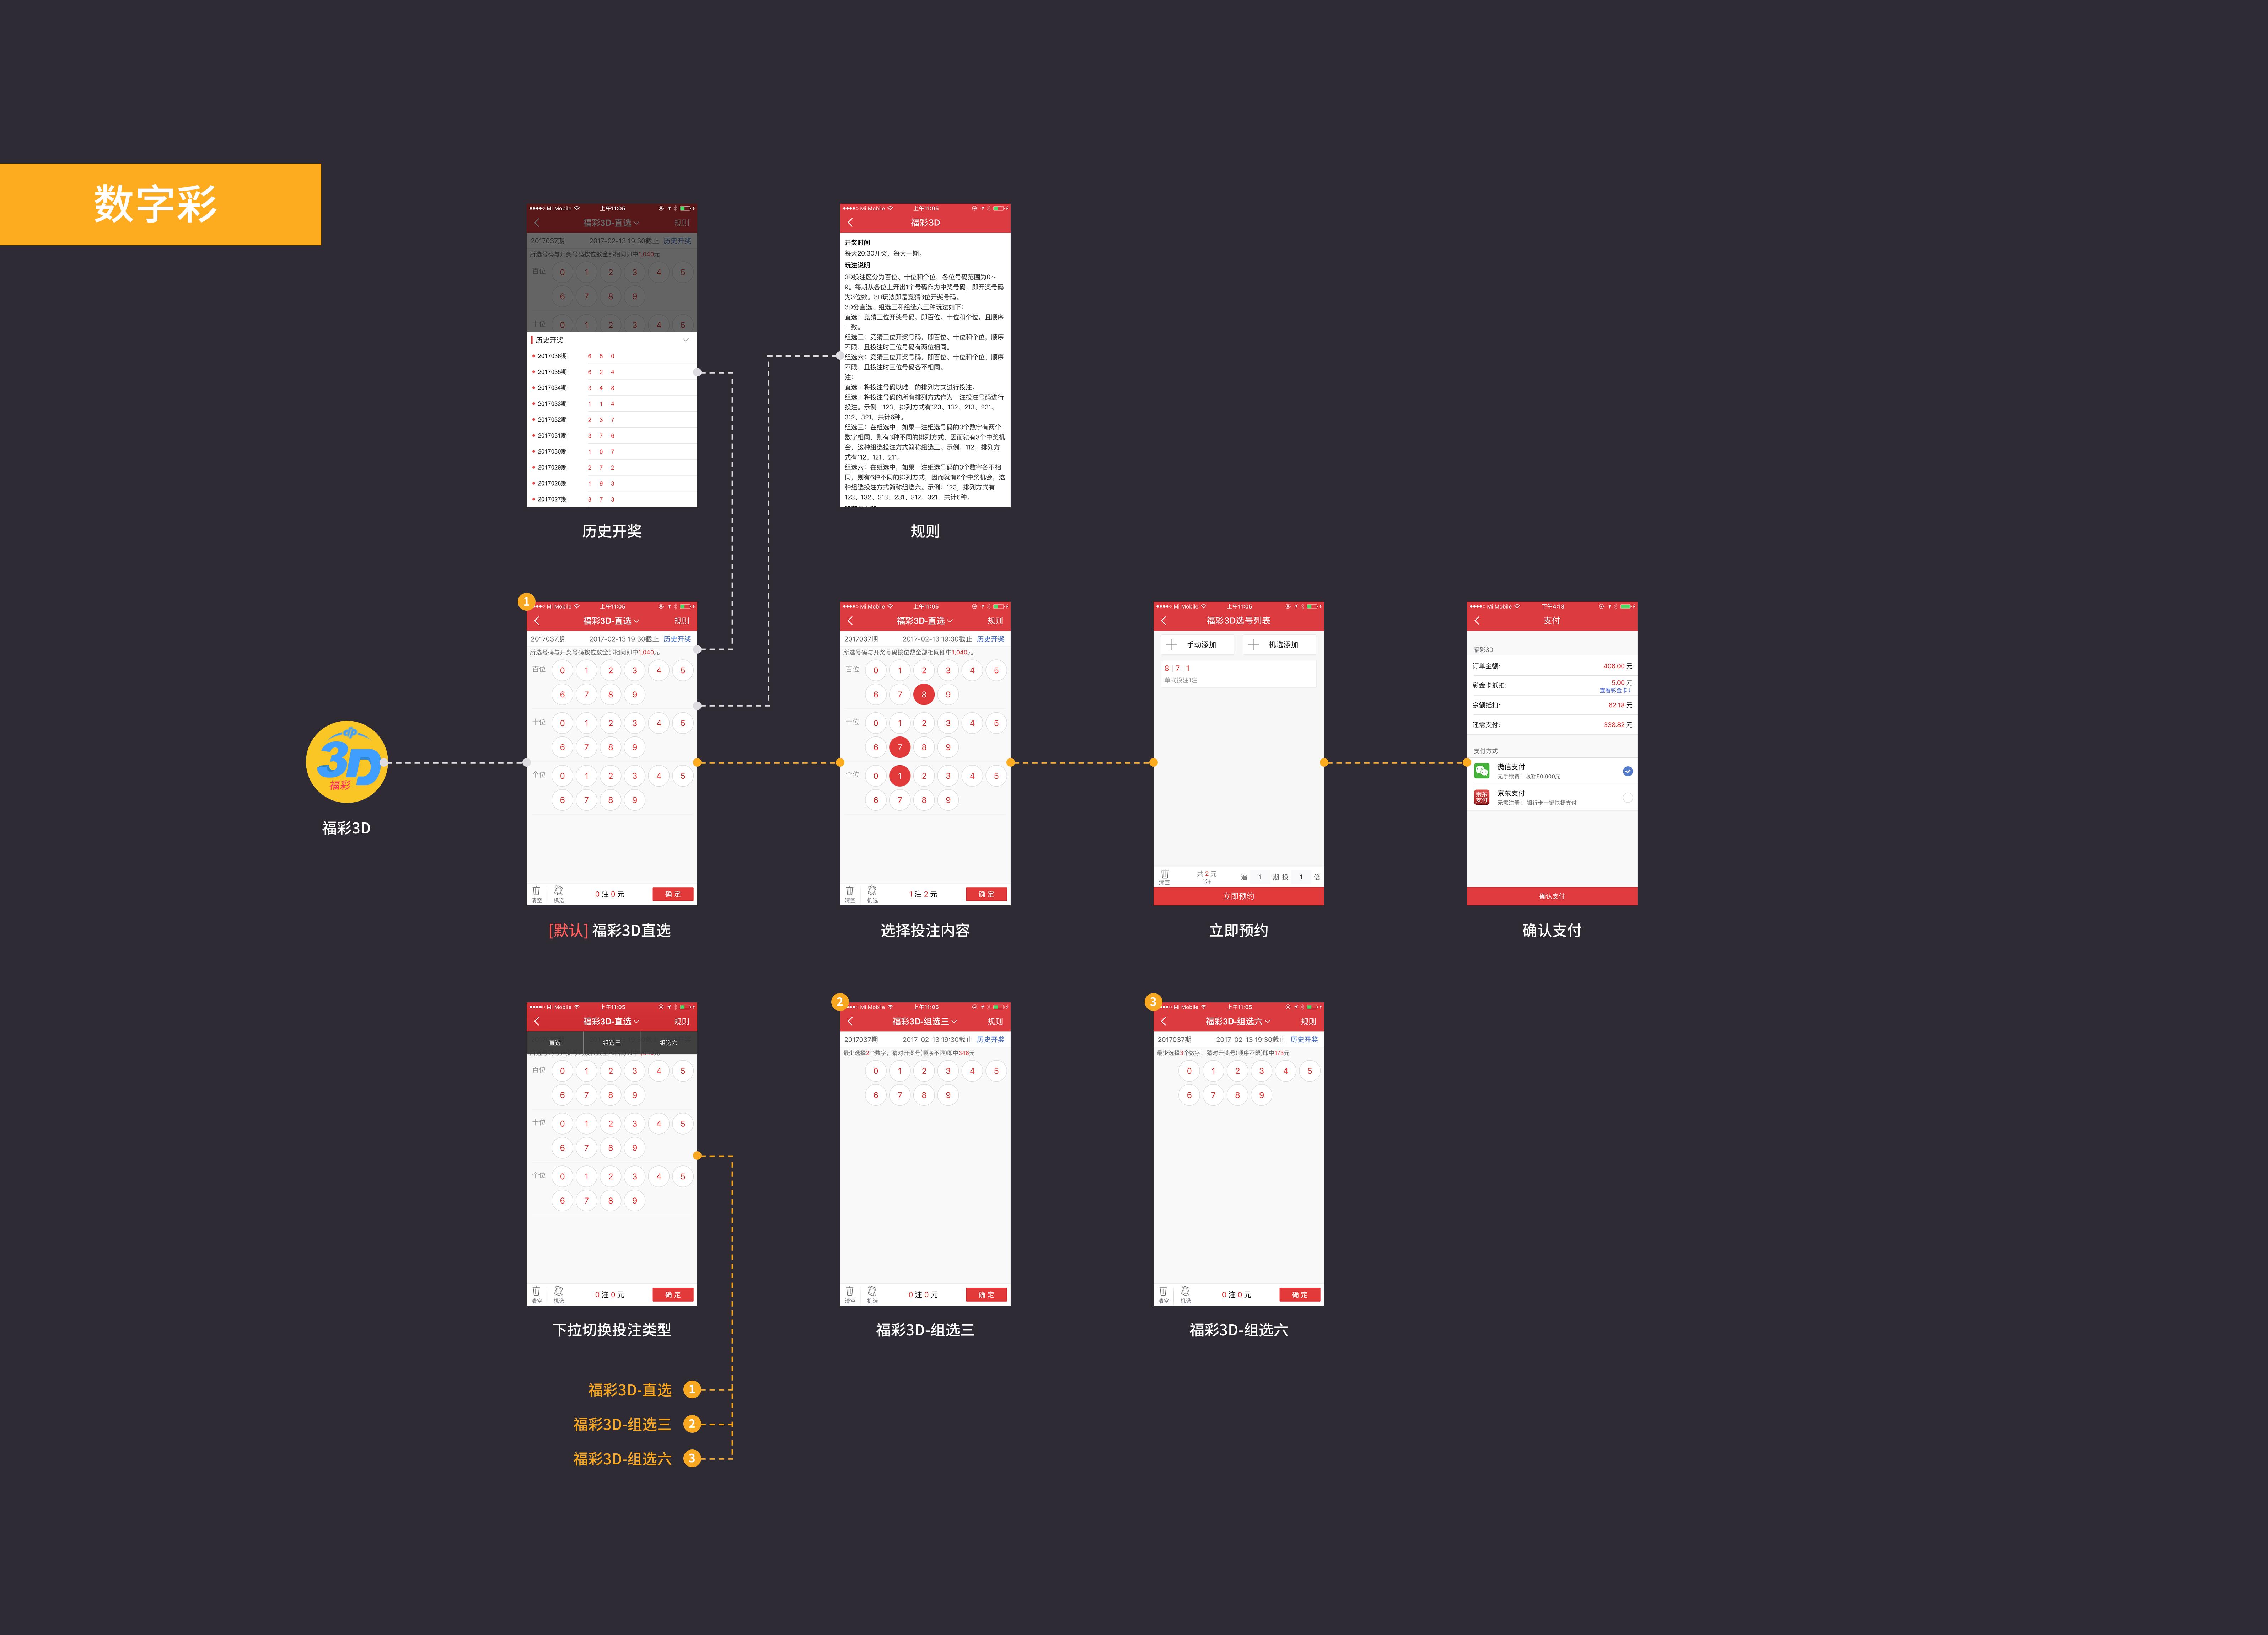 在赛马游戏大厅放置一个木牌: [horserace] 第一行内容[horserace] racename 第二行内容'游戏名称' 设置跑圈模式: 在配置文件打开设置 arena_cycling 参数设置为True. 如果确.赛马竞技下载,赛马竞技是一款休闲益智类html5游戏,这款游戏需要有一定的运气噢,游戏玩法非常简单,画面精美,喜欢的朋友赶快来试试吧。 全球为之狂热的赛马再次来.棋牌游戏代理经验分享2个步骤优质推广_百度经验